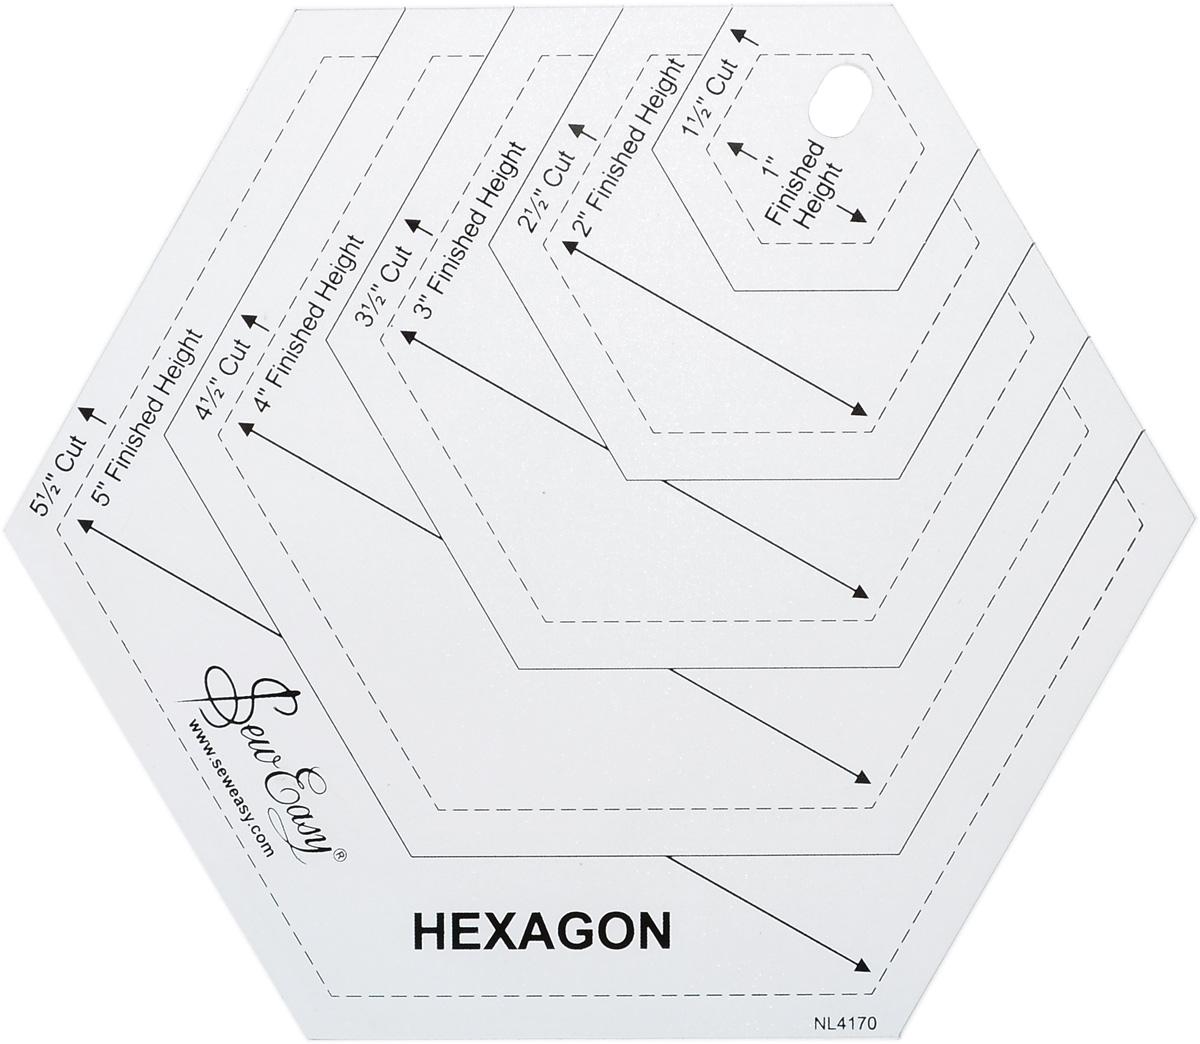 Лекало Hemline, для создания гексагонов разных размеровNL4170Лекало Hemline, изготовленное из пластика, идеально подходит для раскроя гексагонов разных размеров. Используйте раскройный нож Sew Easy с диаметром 45 мм и мат. Они облегчат вам работу. Инструкция на русском языке прилагается в комплекте.